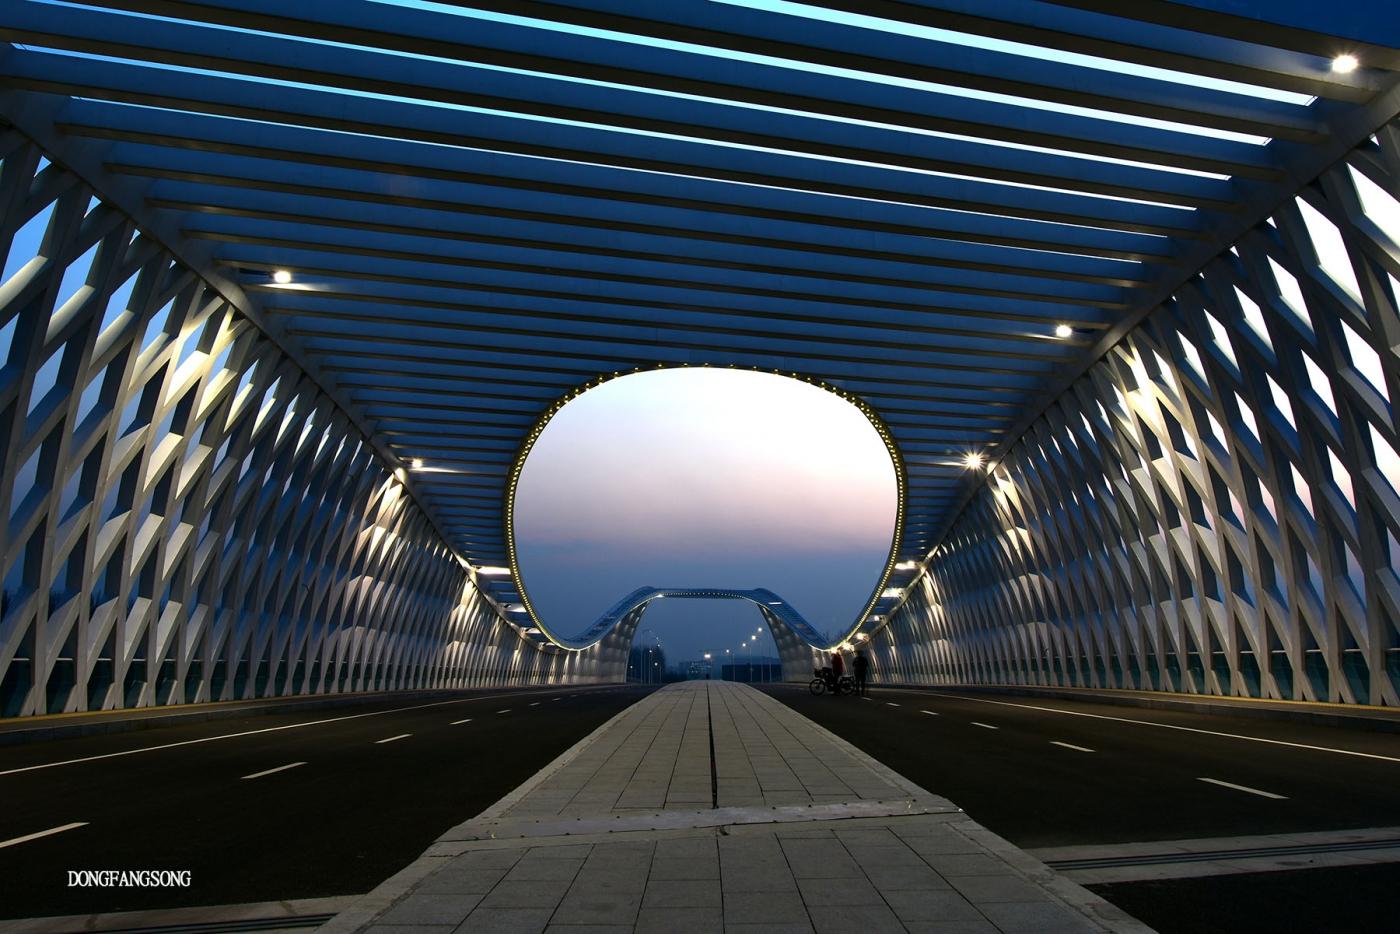 【東方頌0062】晚霞时分的桥_图1-5